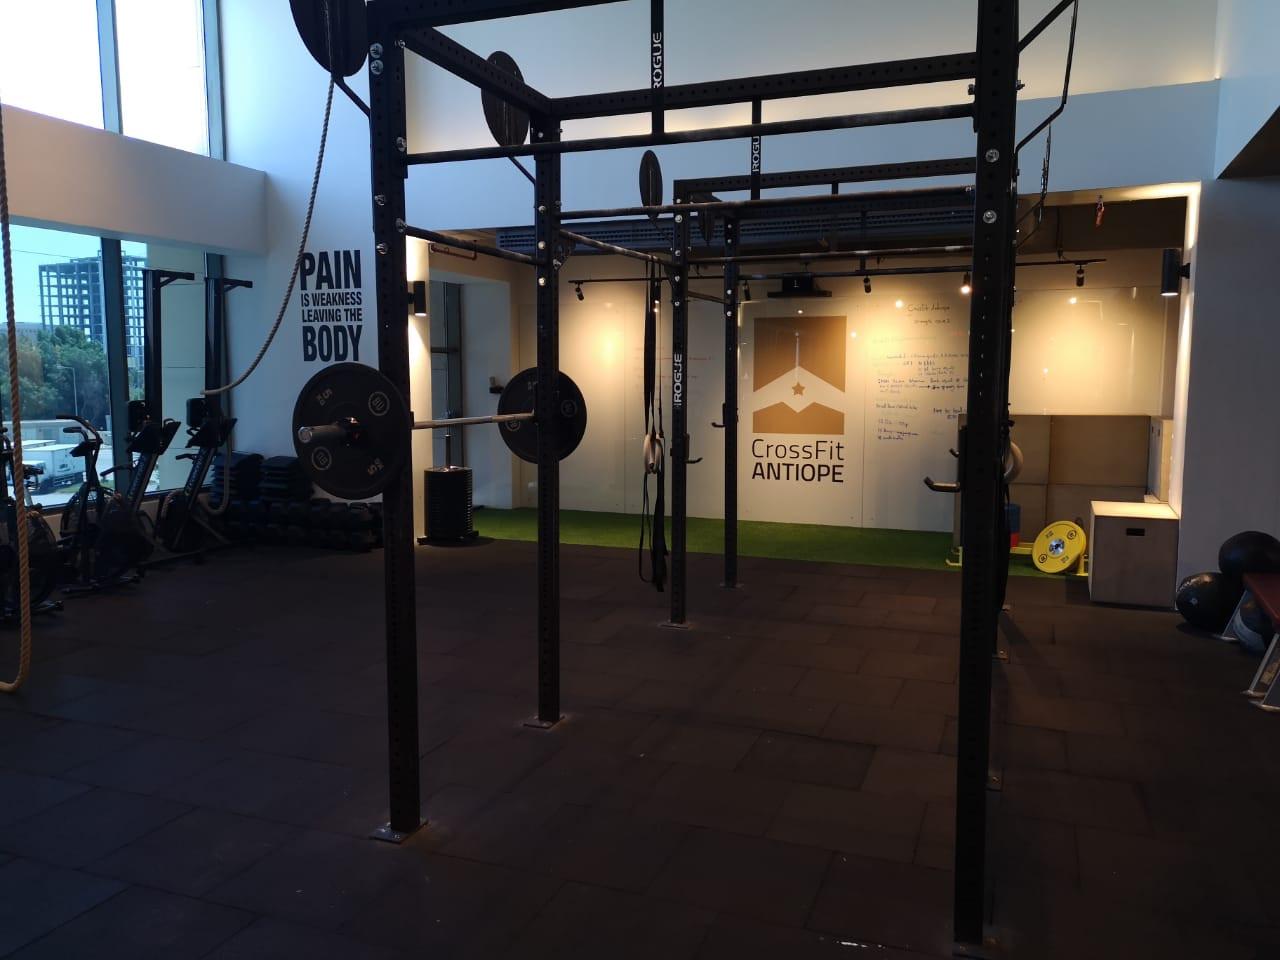 CrossFit Antiope